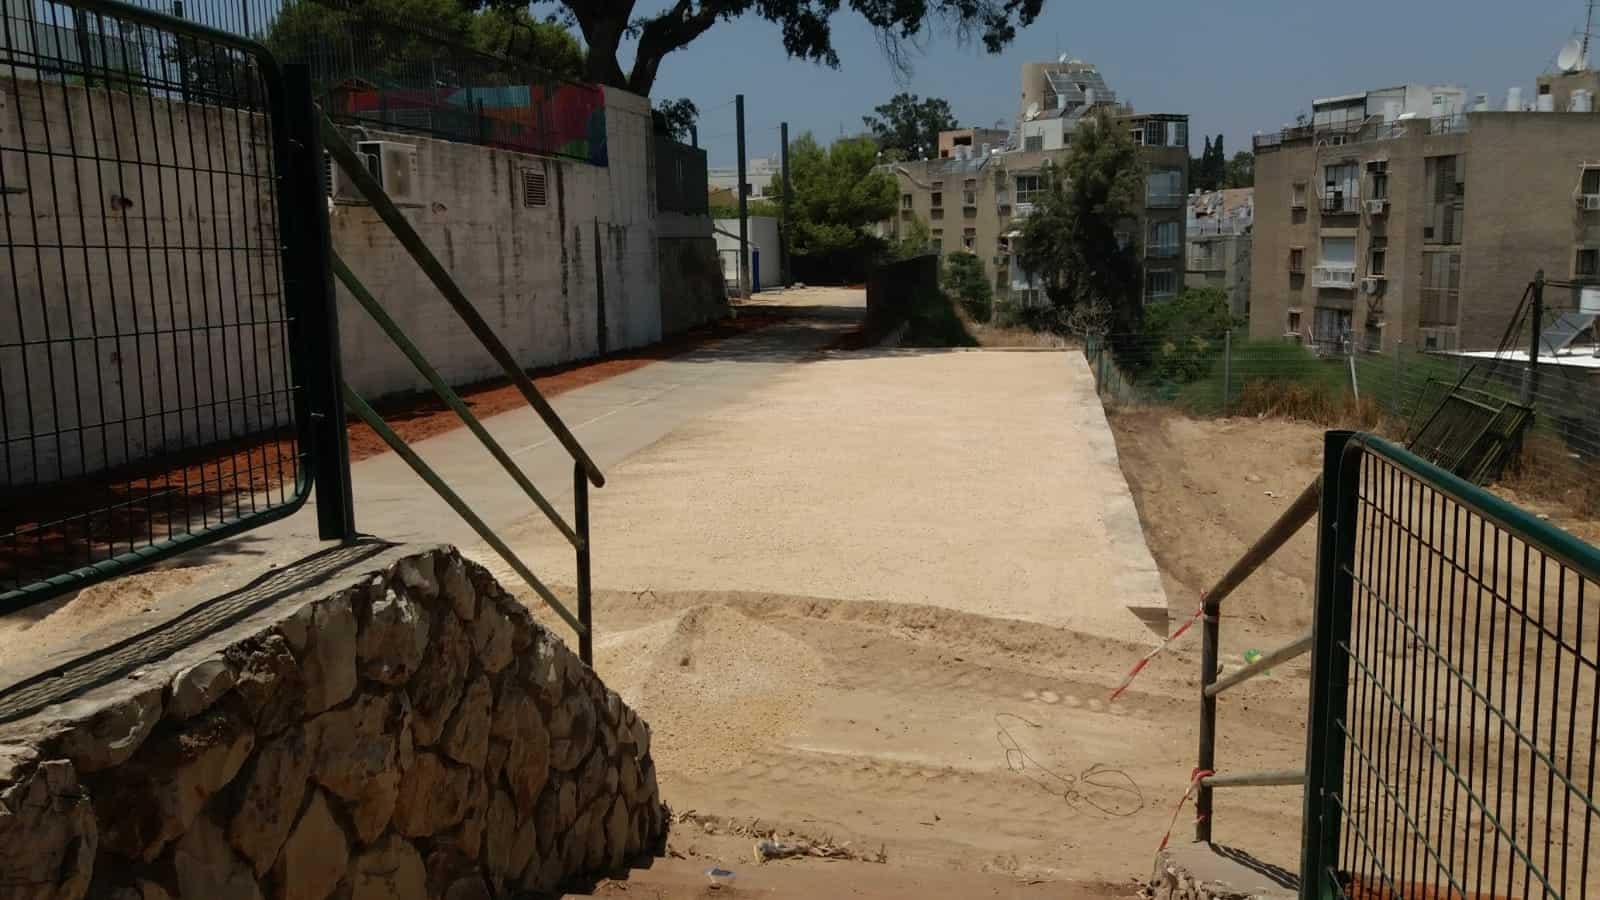 הקמת חצר לימודית חדשה בבית ספר בורוכוב, צילום: באדיבות דוברות עיריית גבעתיים